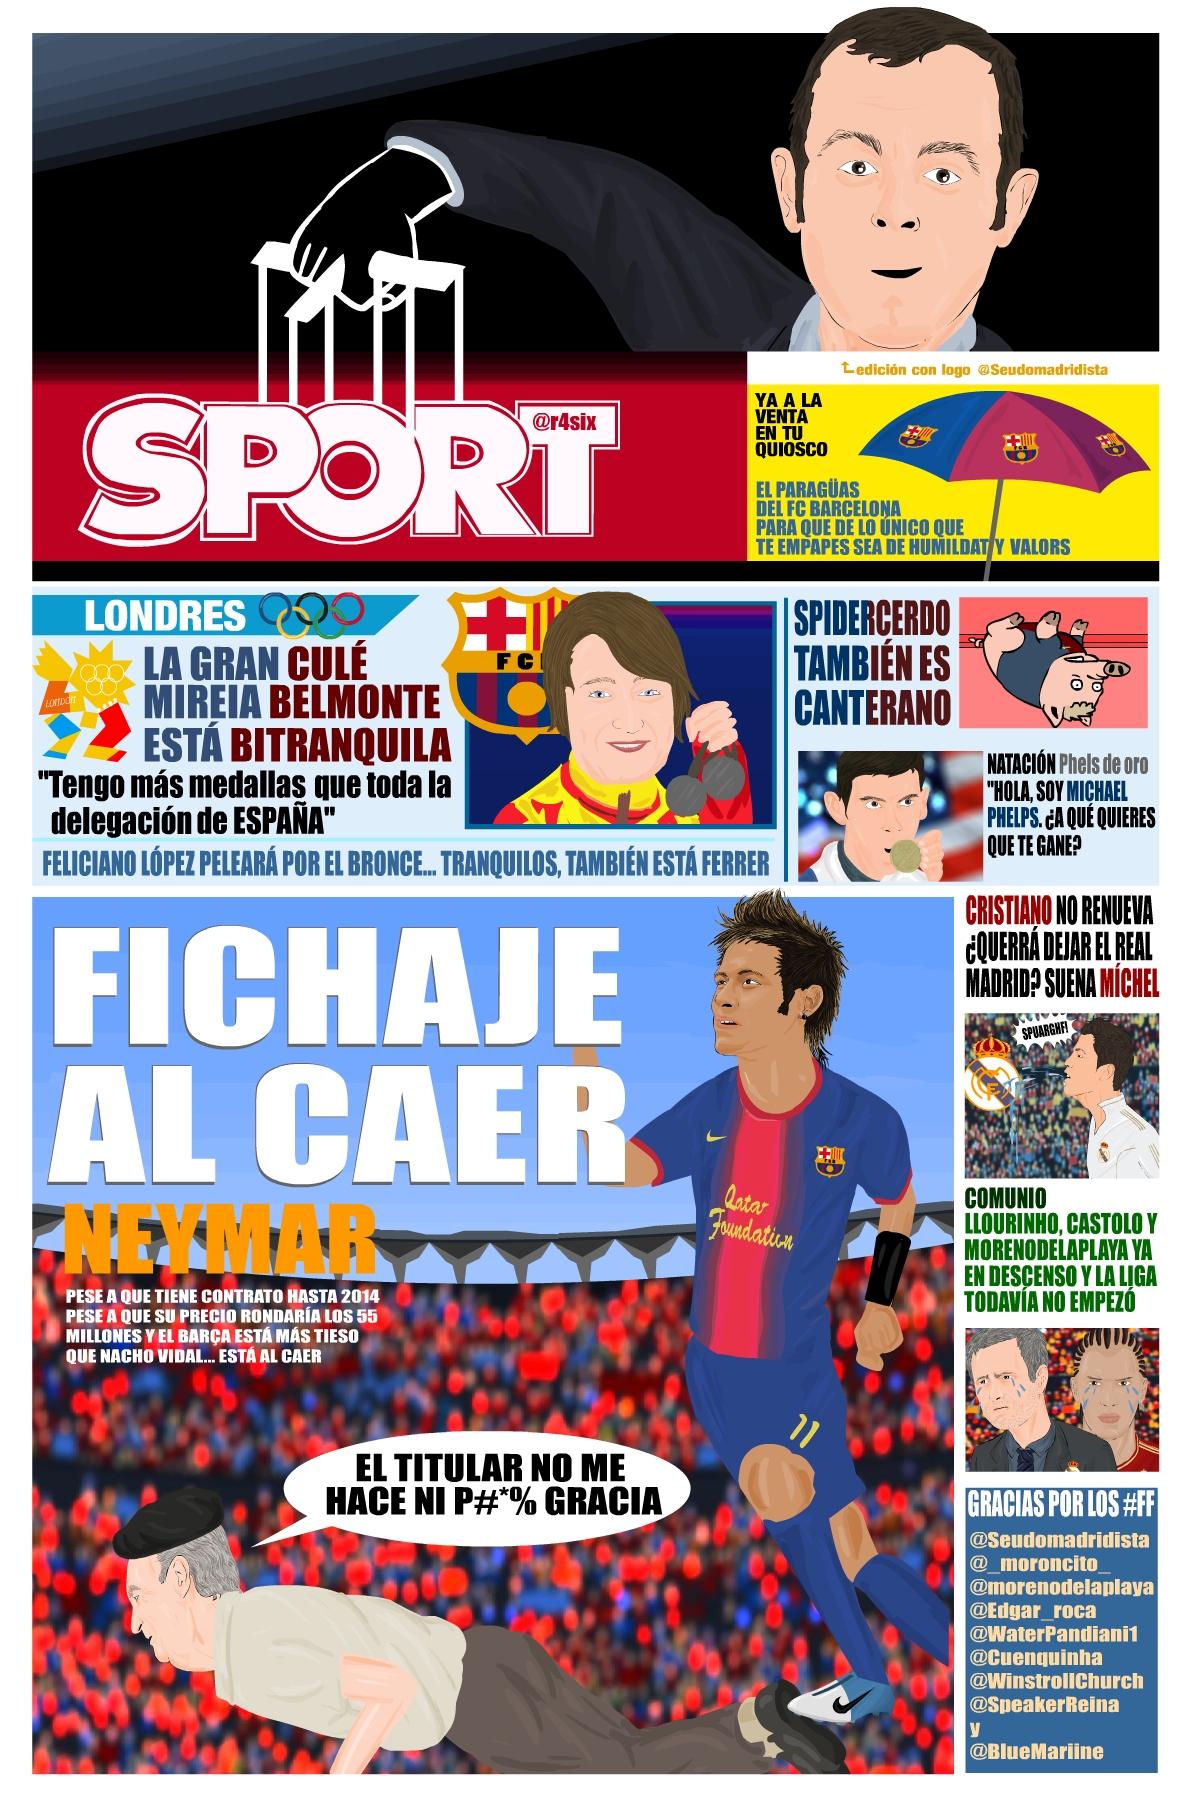 RT @r4six: La portada del SPORT http://t.co/ih2rMKxd